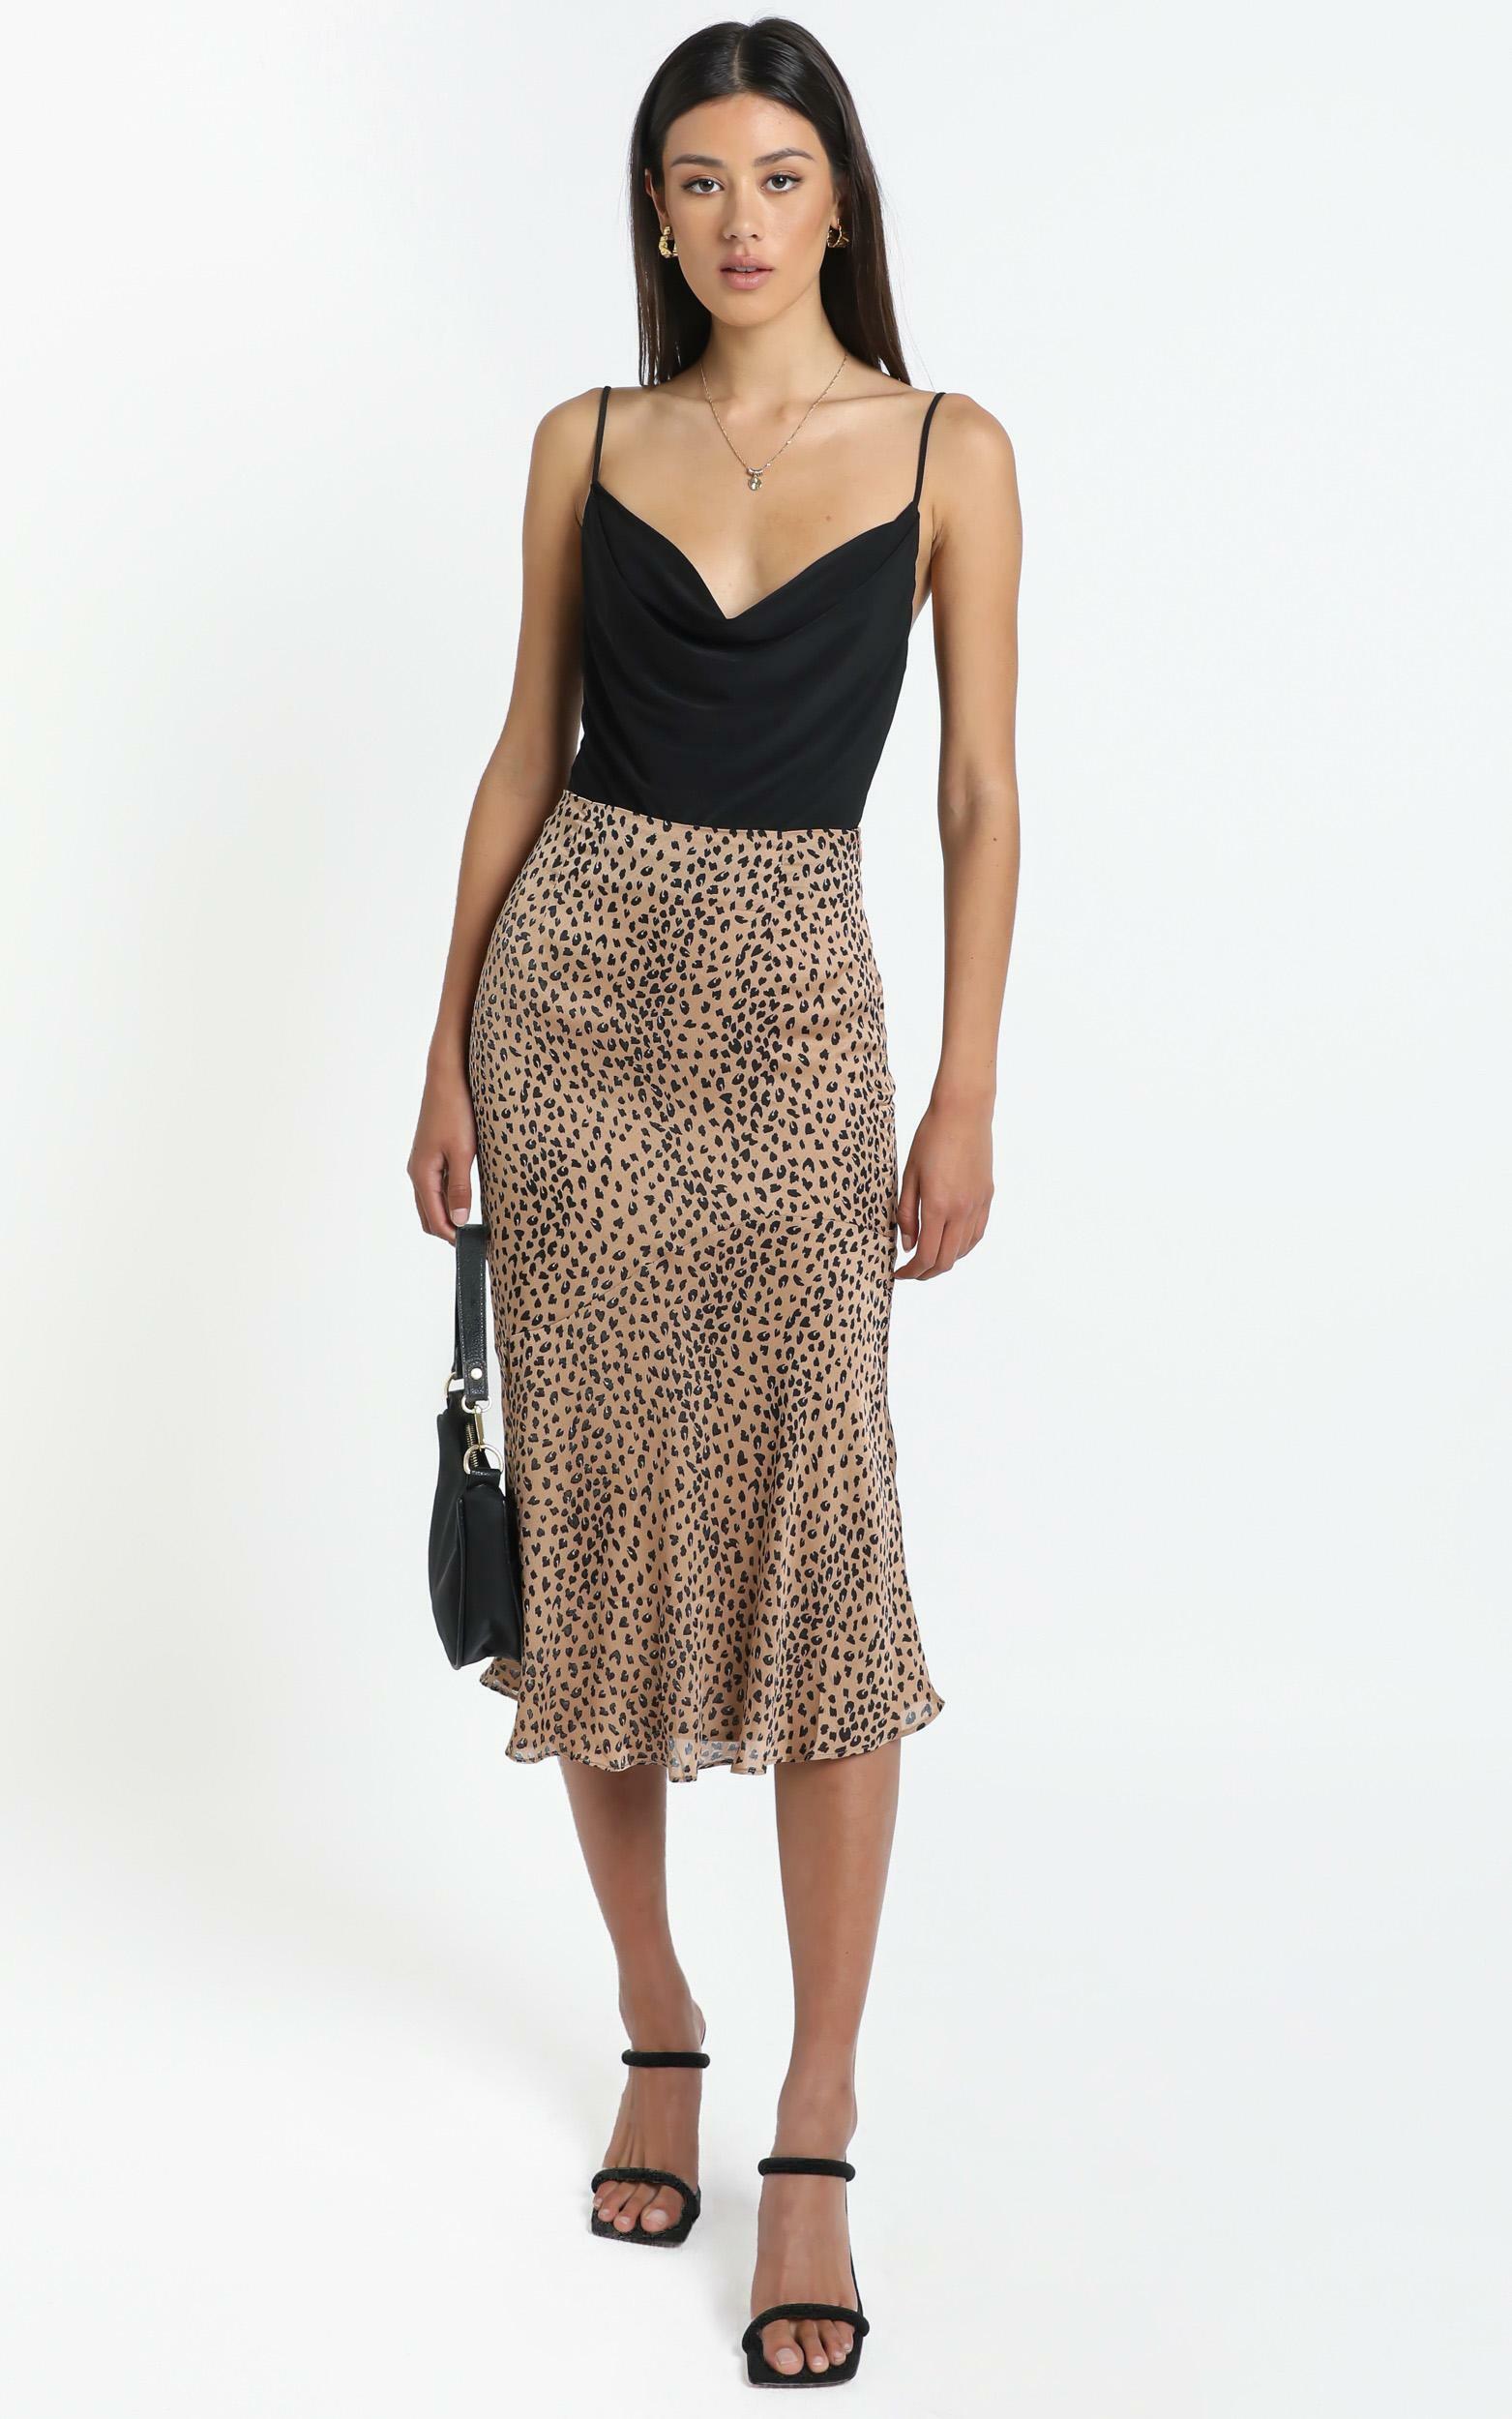 Analia Skirt in Tan Print - 14 (XL), Tan, hi-res image number null